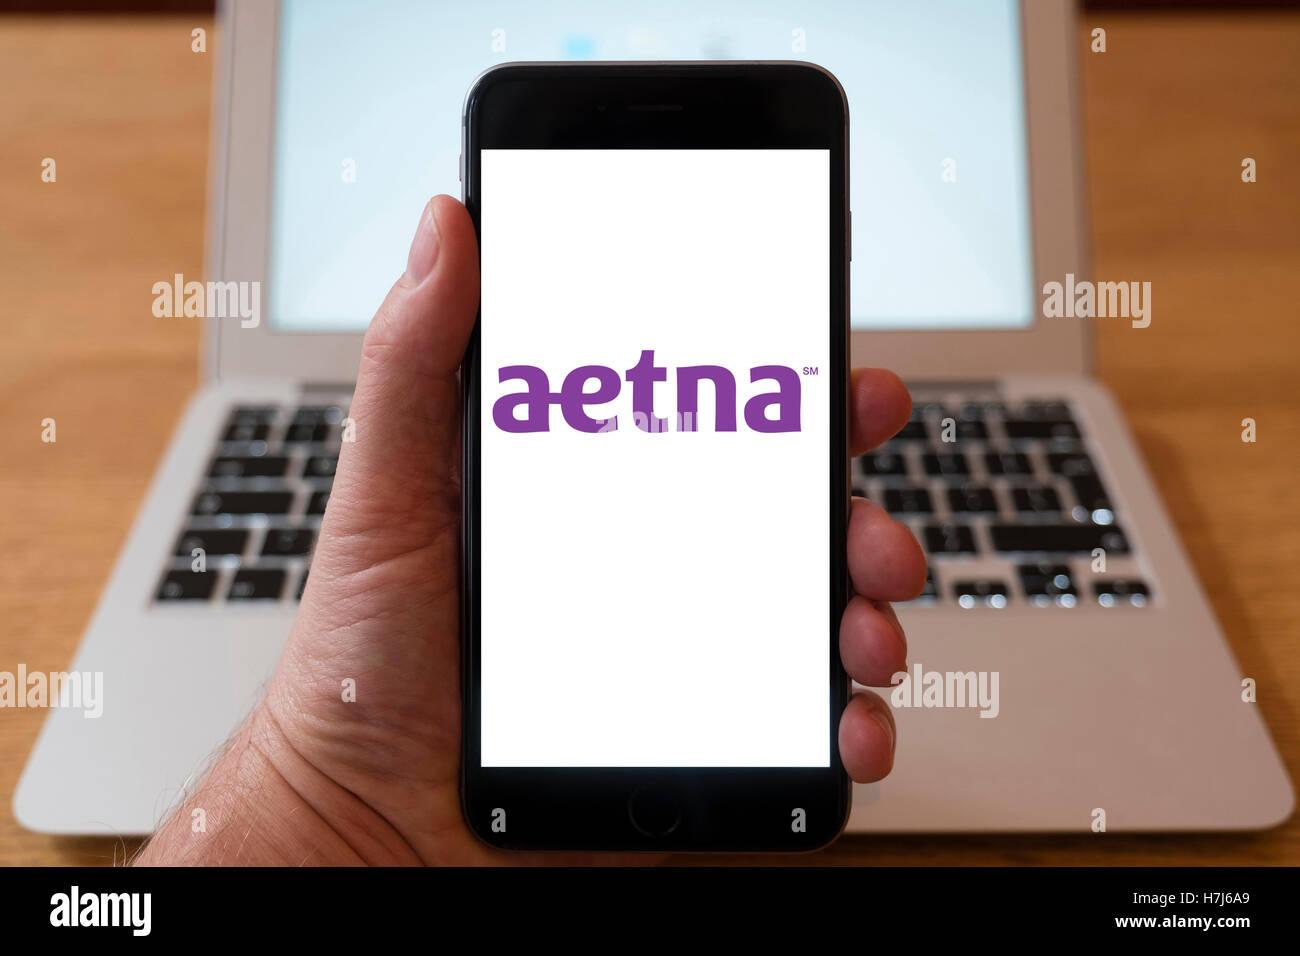 Verwenden iPhone Smartphone zum Logo des Aetna anzeigen; ein Amerikaner verwalteten Unternehmen im Gesundheitswesen Stockbild